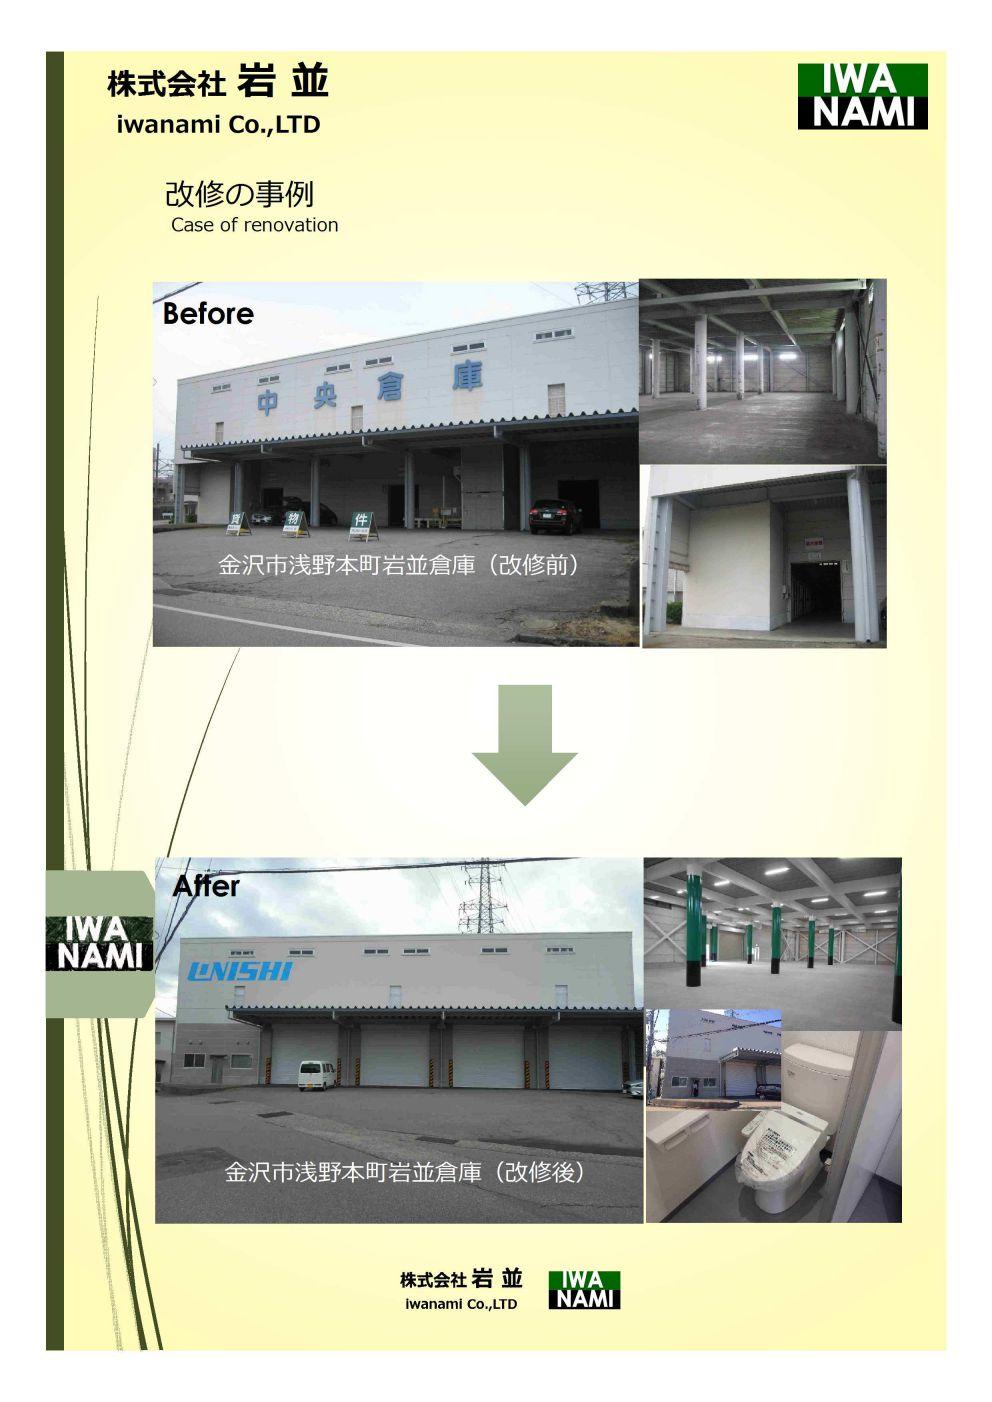 改修事例2金沢市浅野本町岩並倉庫